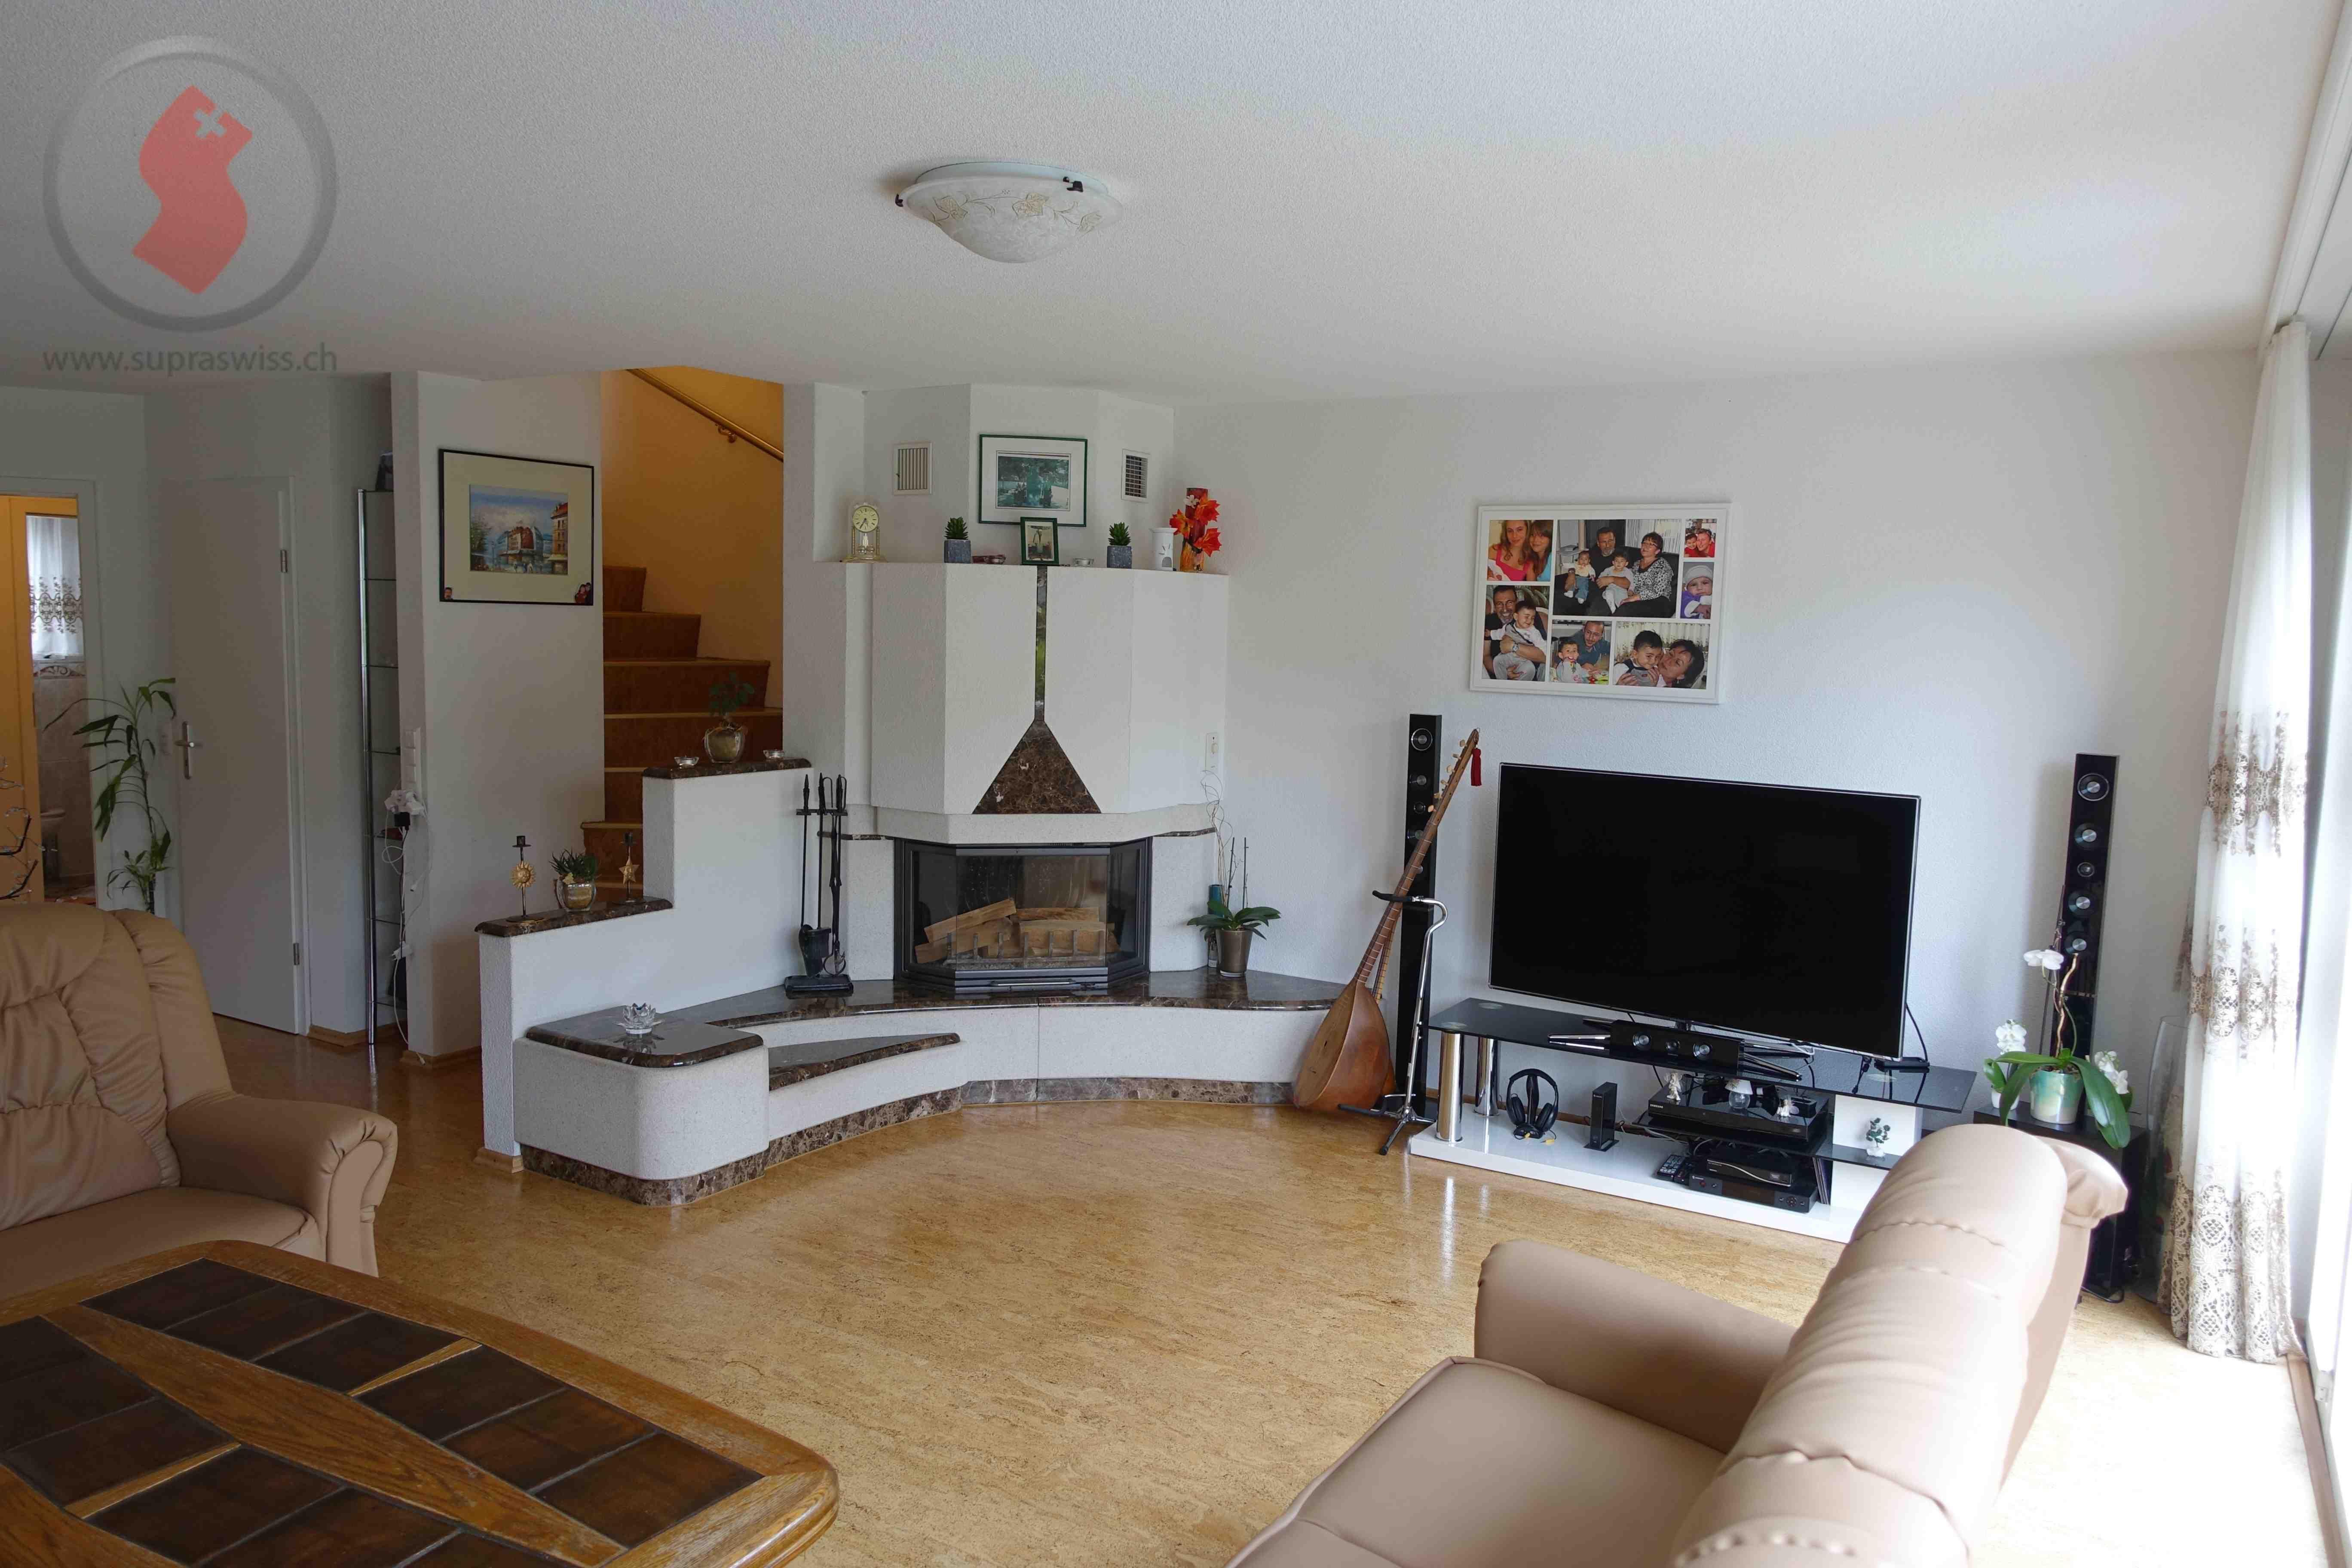 Kamine Für Kleine Wohnzimmer: Fair kleine wohnzimmer layout ideen ...